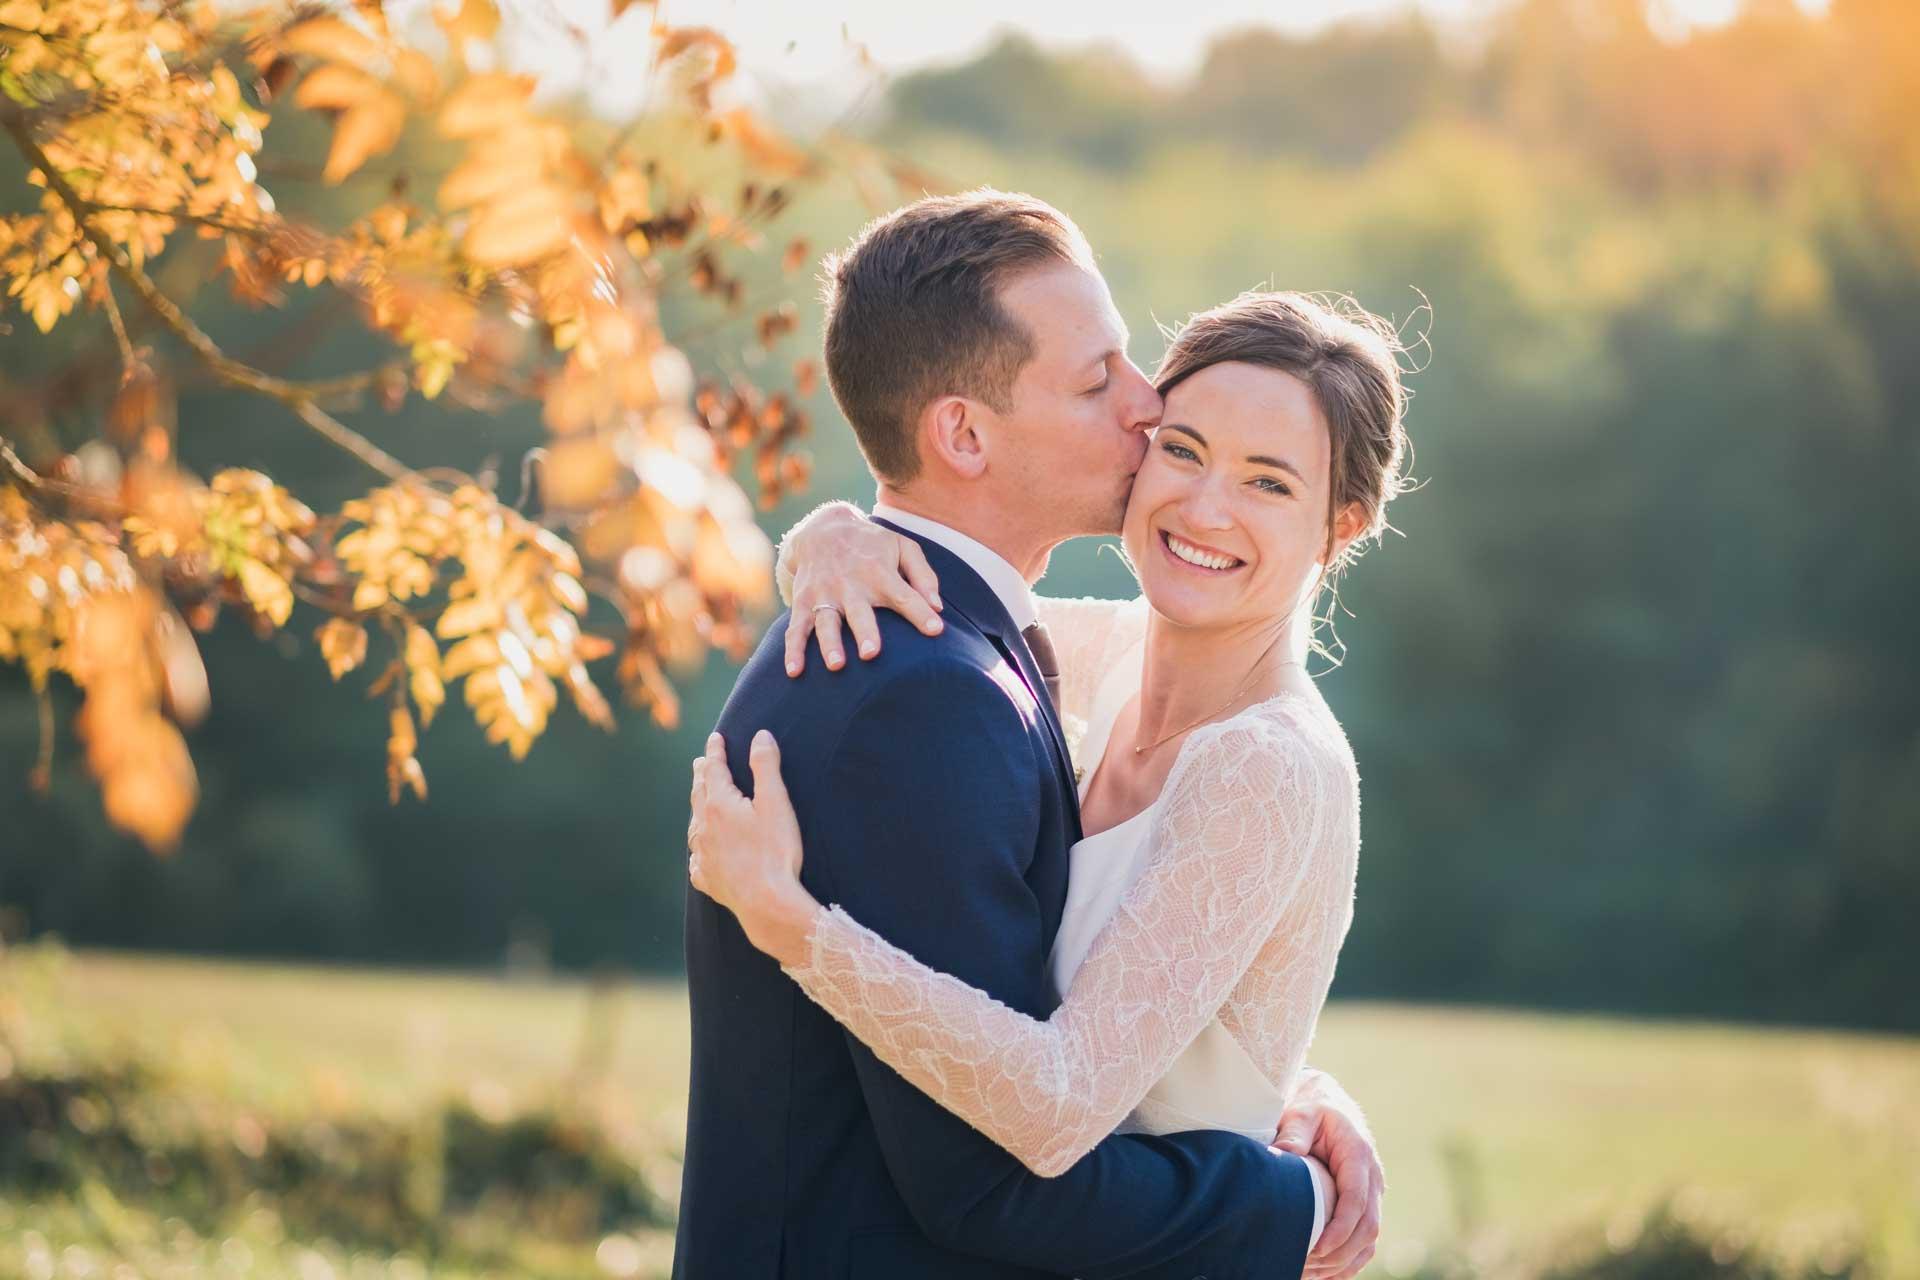 Mariée heureuse embrassée par son mari dans un cadre champetre avec de jolies couleurs d'automne dans les arbres